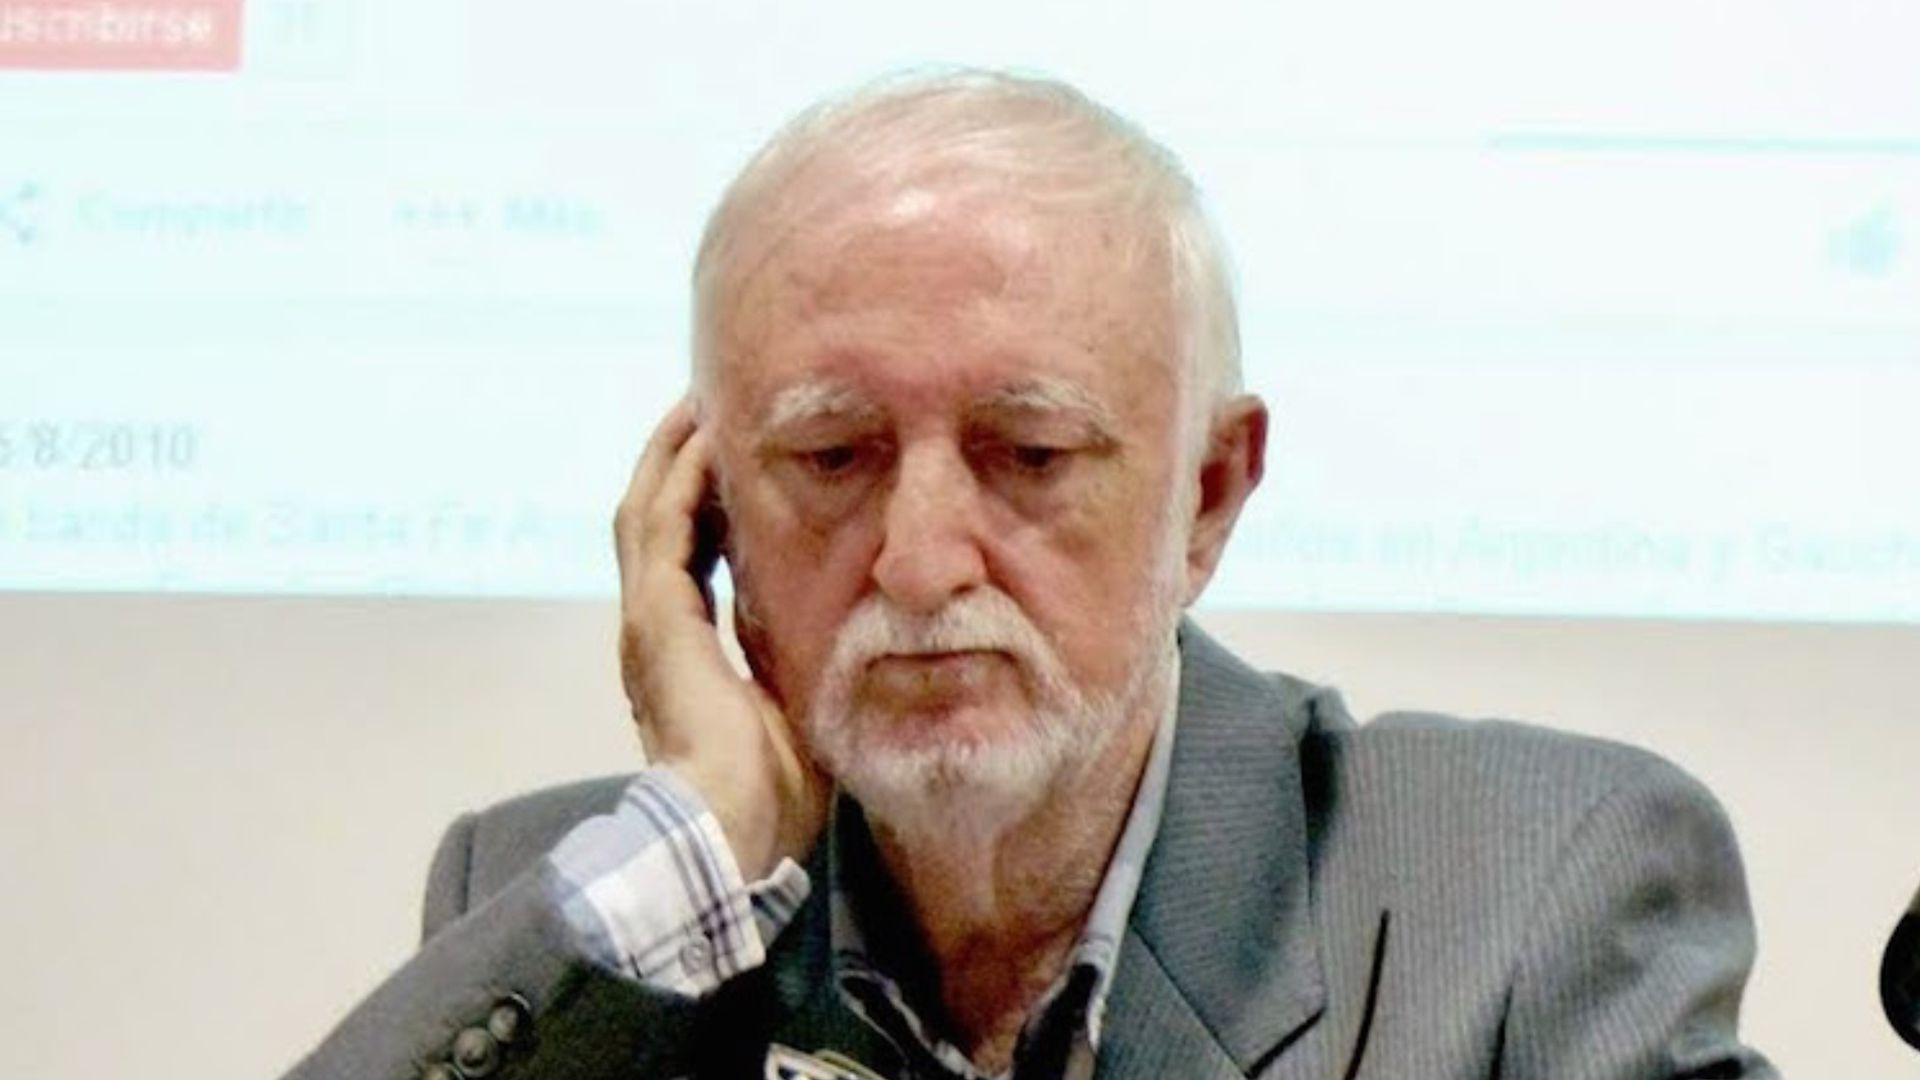 Andrés Ortiz-Osés e NonQuotidiano insieme!